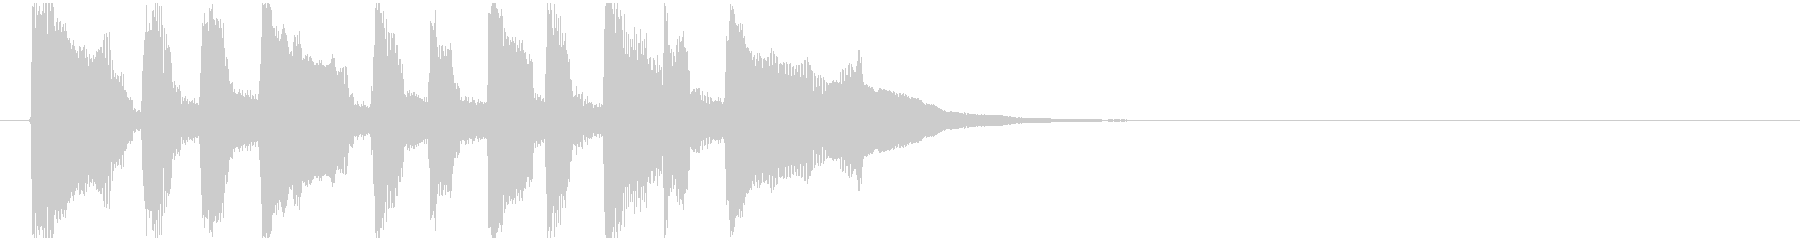 ほのぼのリコーダー場面転換・ジングルの未再生の波形